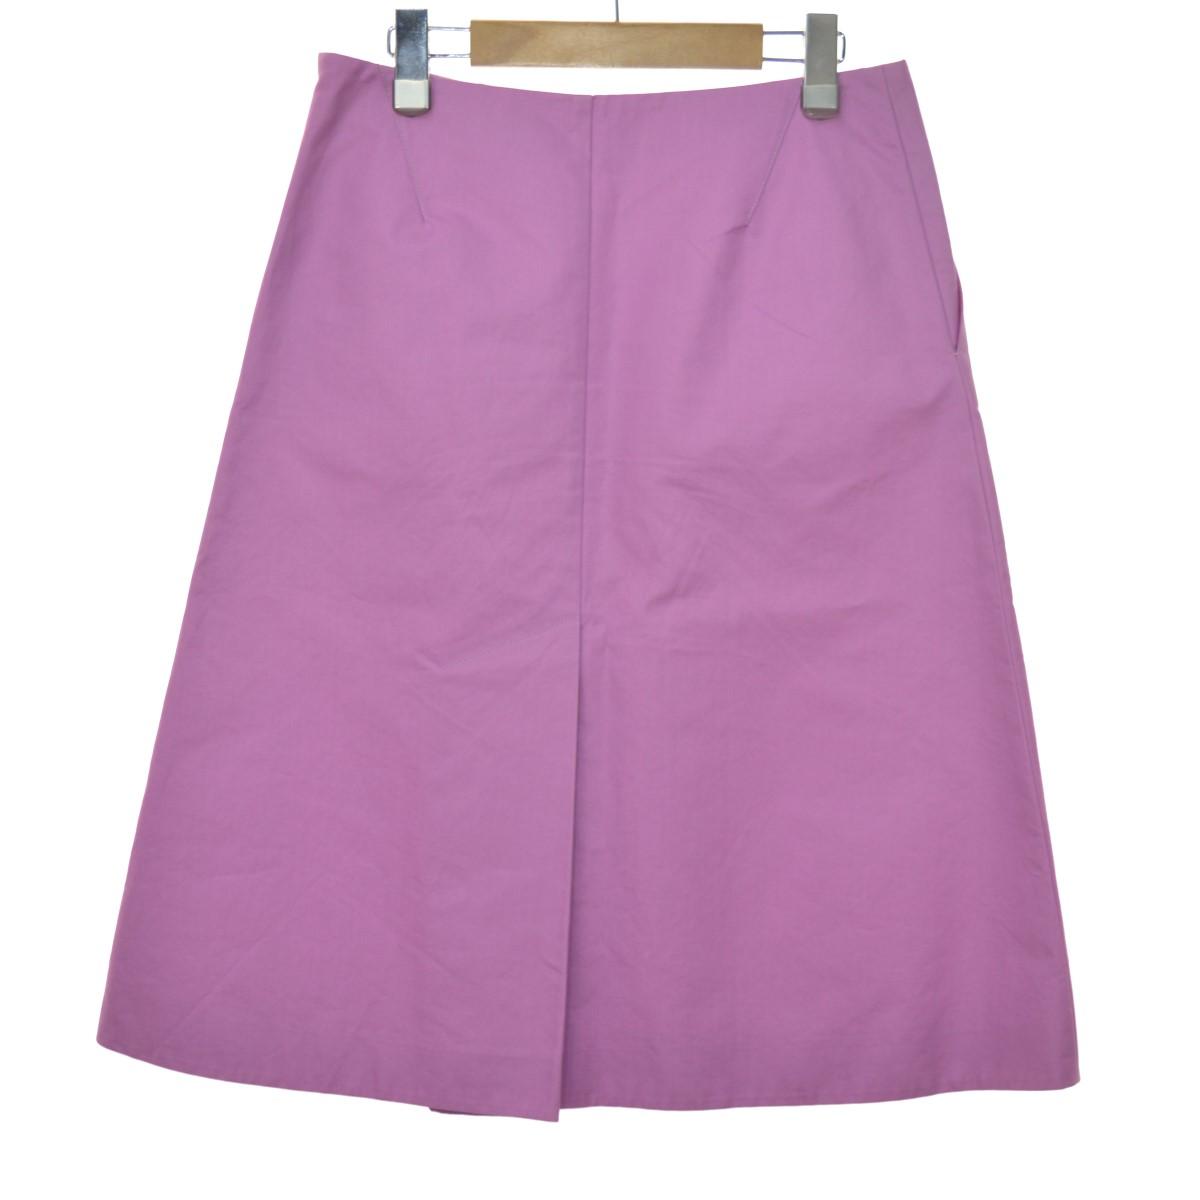 【中古】DRAWER Aラインスカート バイオレット サイズ:36 【170420】(ドゥロワー)